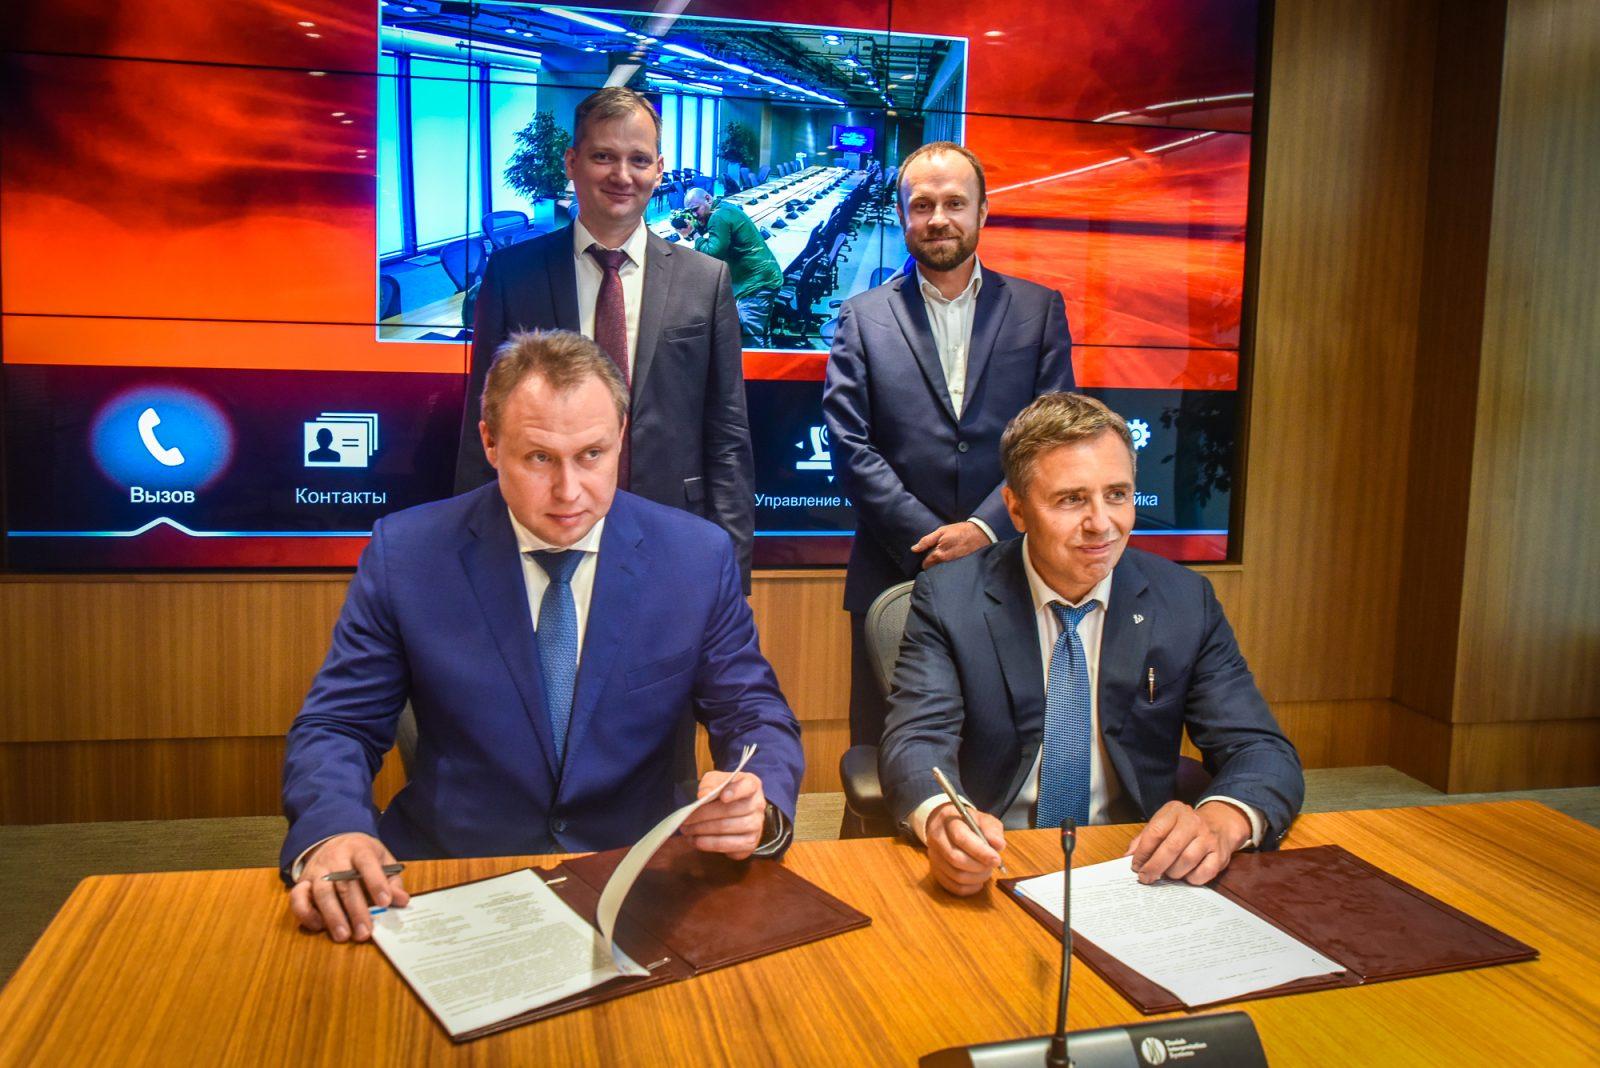 «Ростелеком» и «Т8» заключили соглашение об импортозамещении в радиоэлектронной промышленности